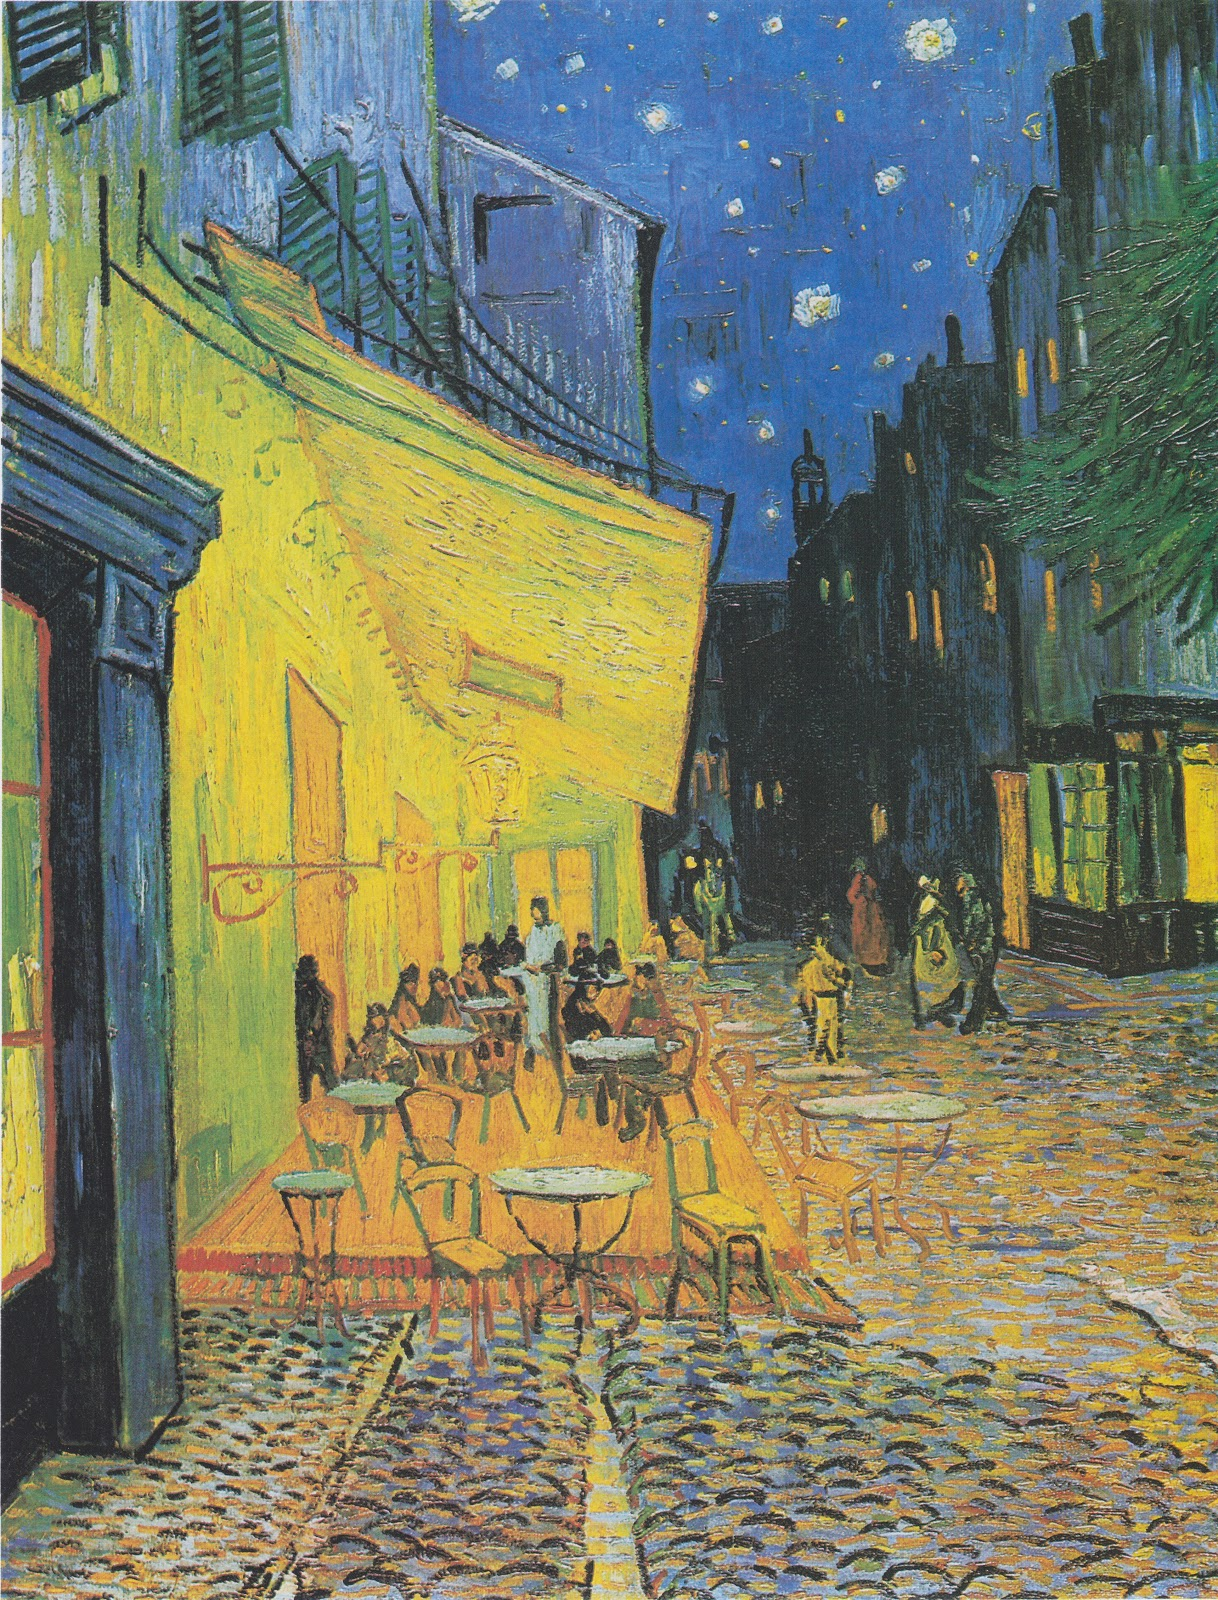 ヴィンセント・ヴァン・ゴッホの夜のカフェテラス